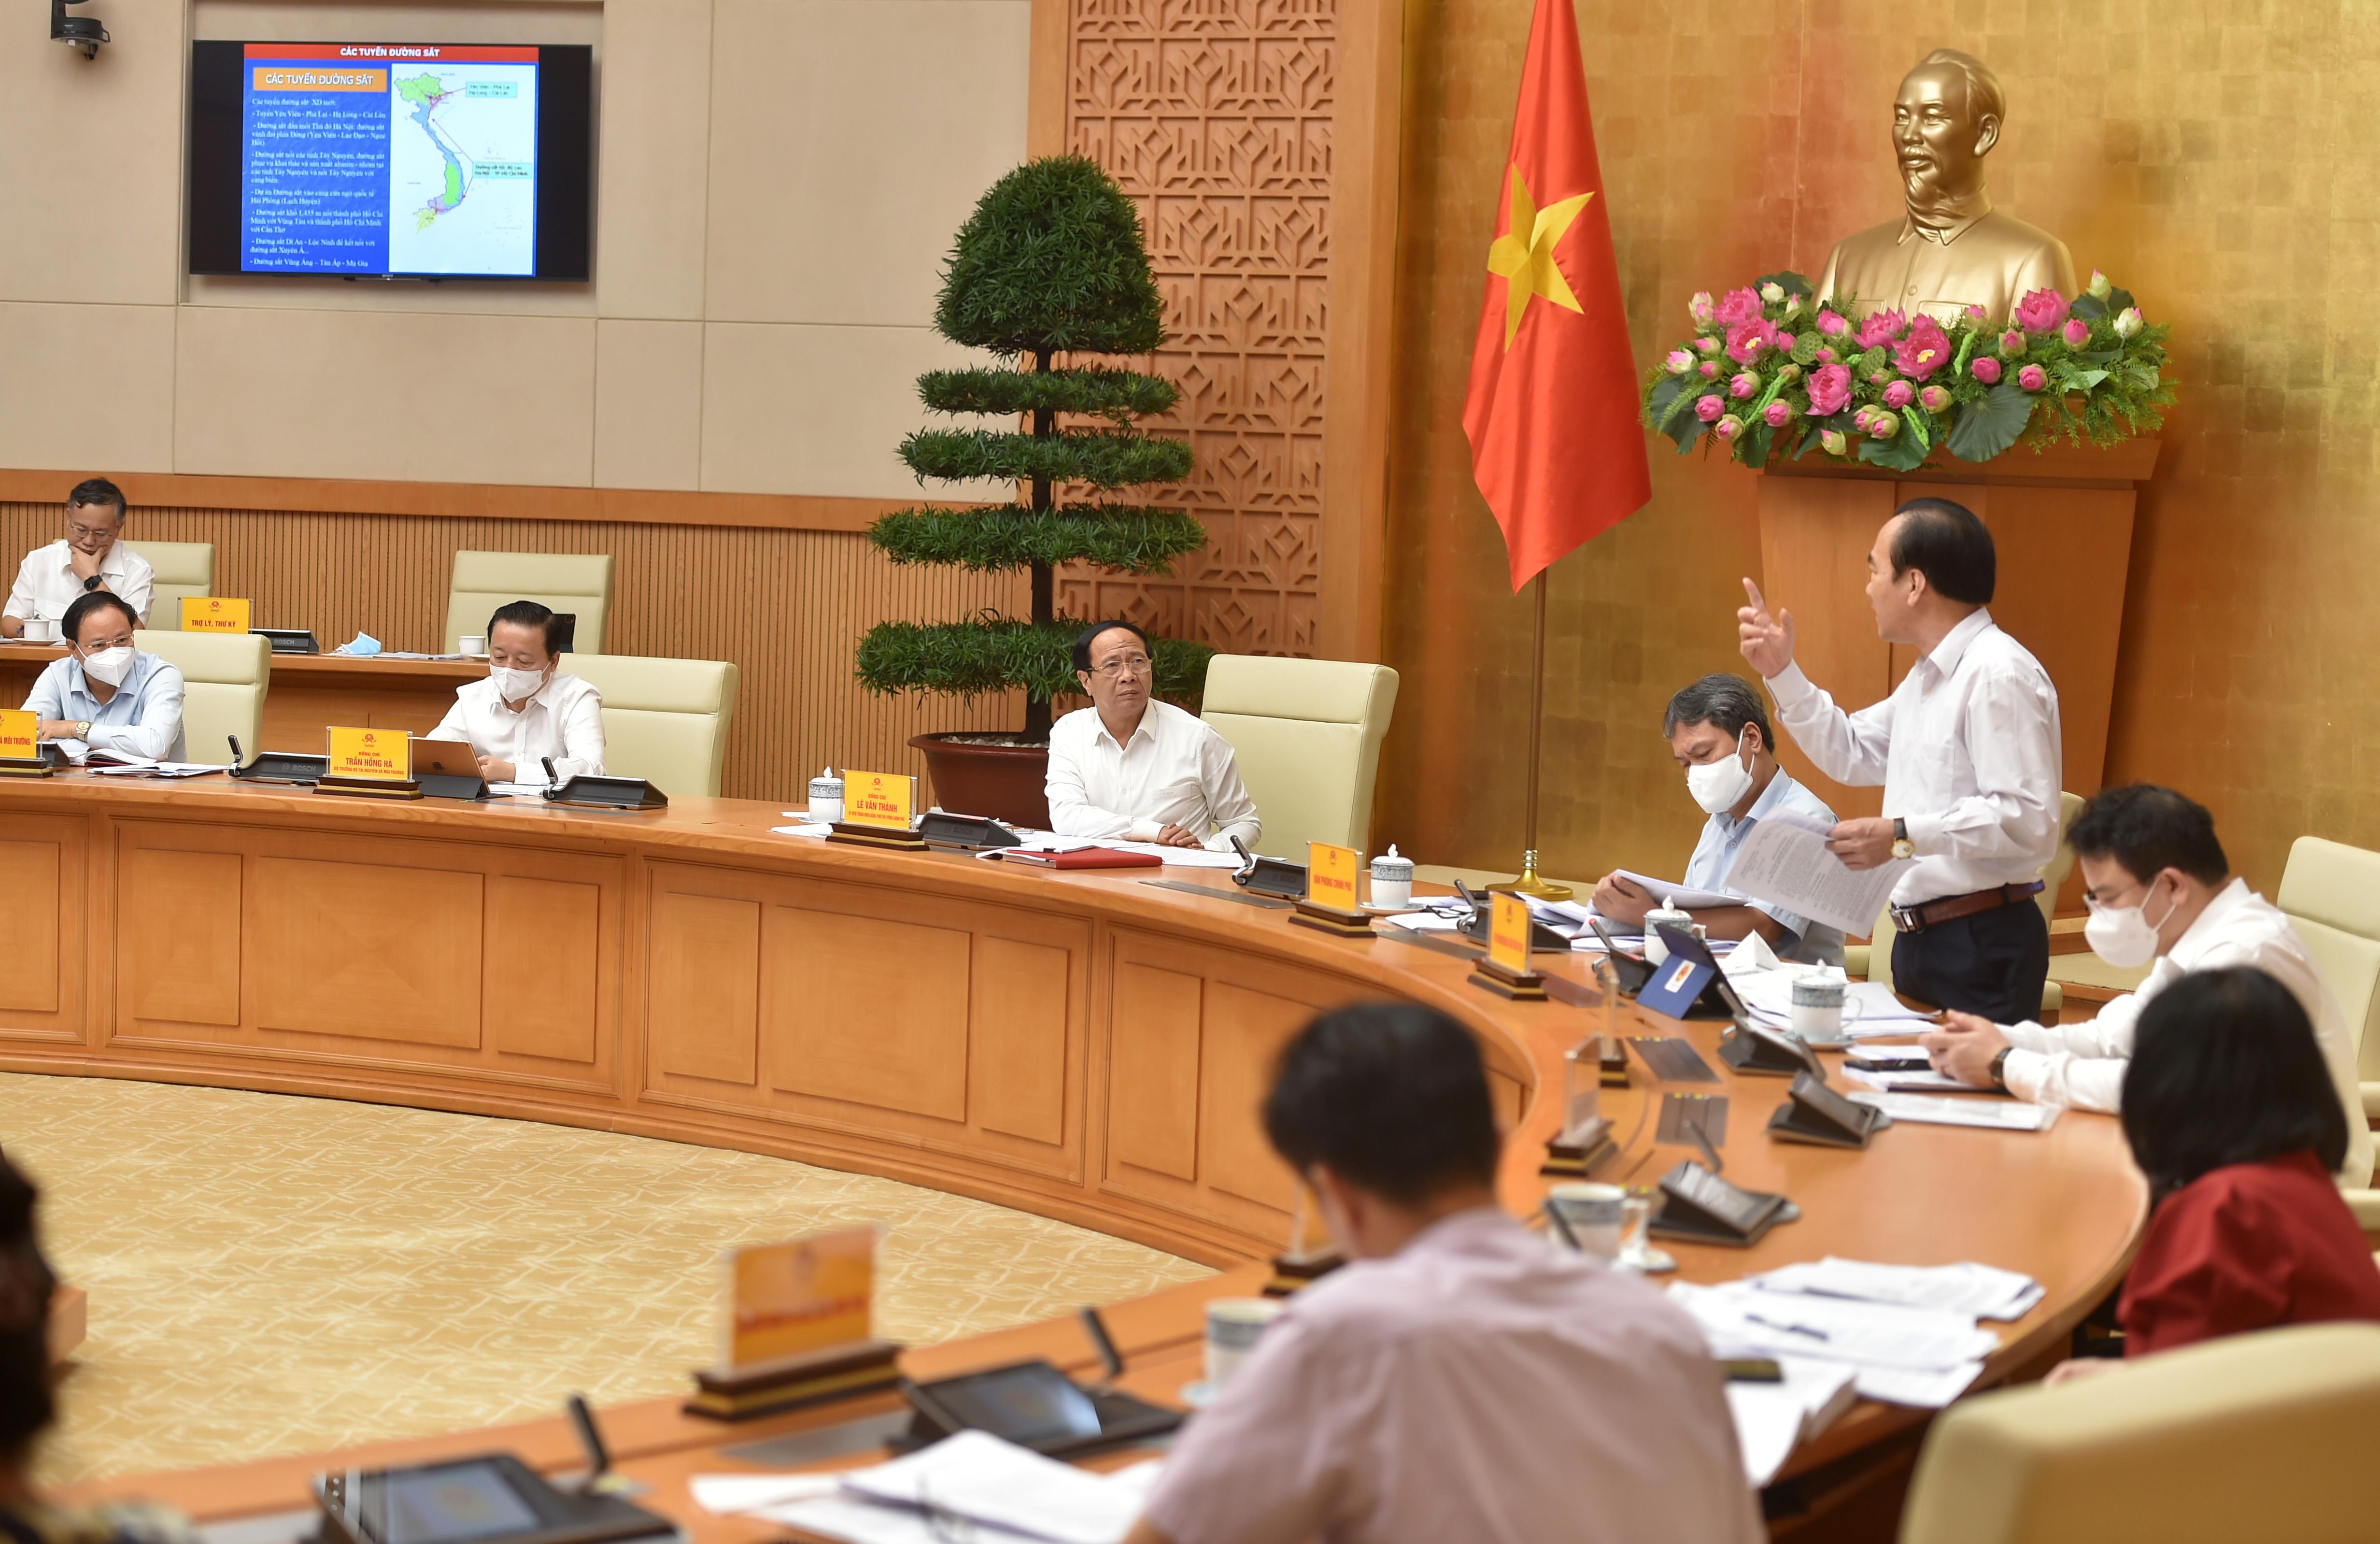 Phó Chủ tịch Ủy ban Trung ương MTTQ Việt Nam Ngô Sách Thực phát biểu góp ý đối với quy hoạch sử dụng đất. Ảnh VGP/Đức Tuân